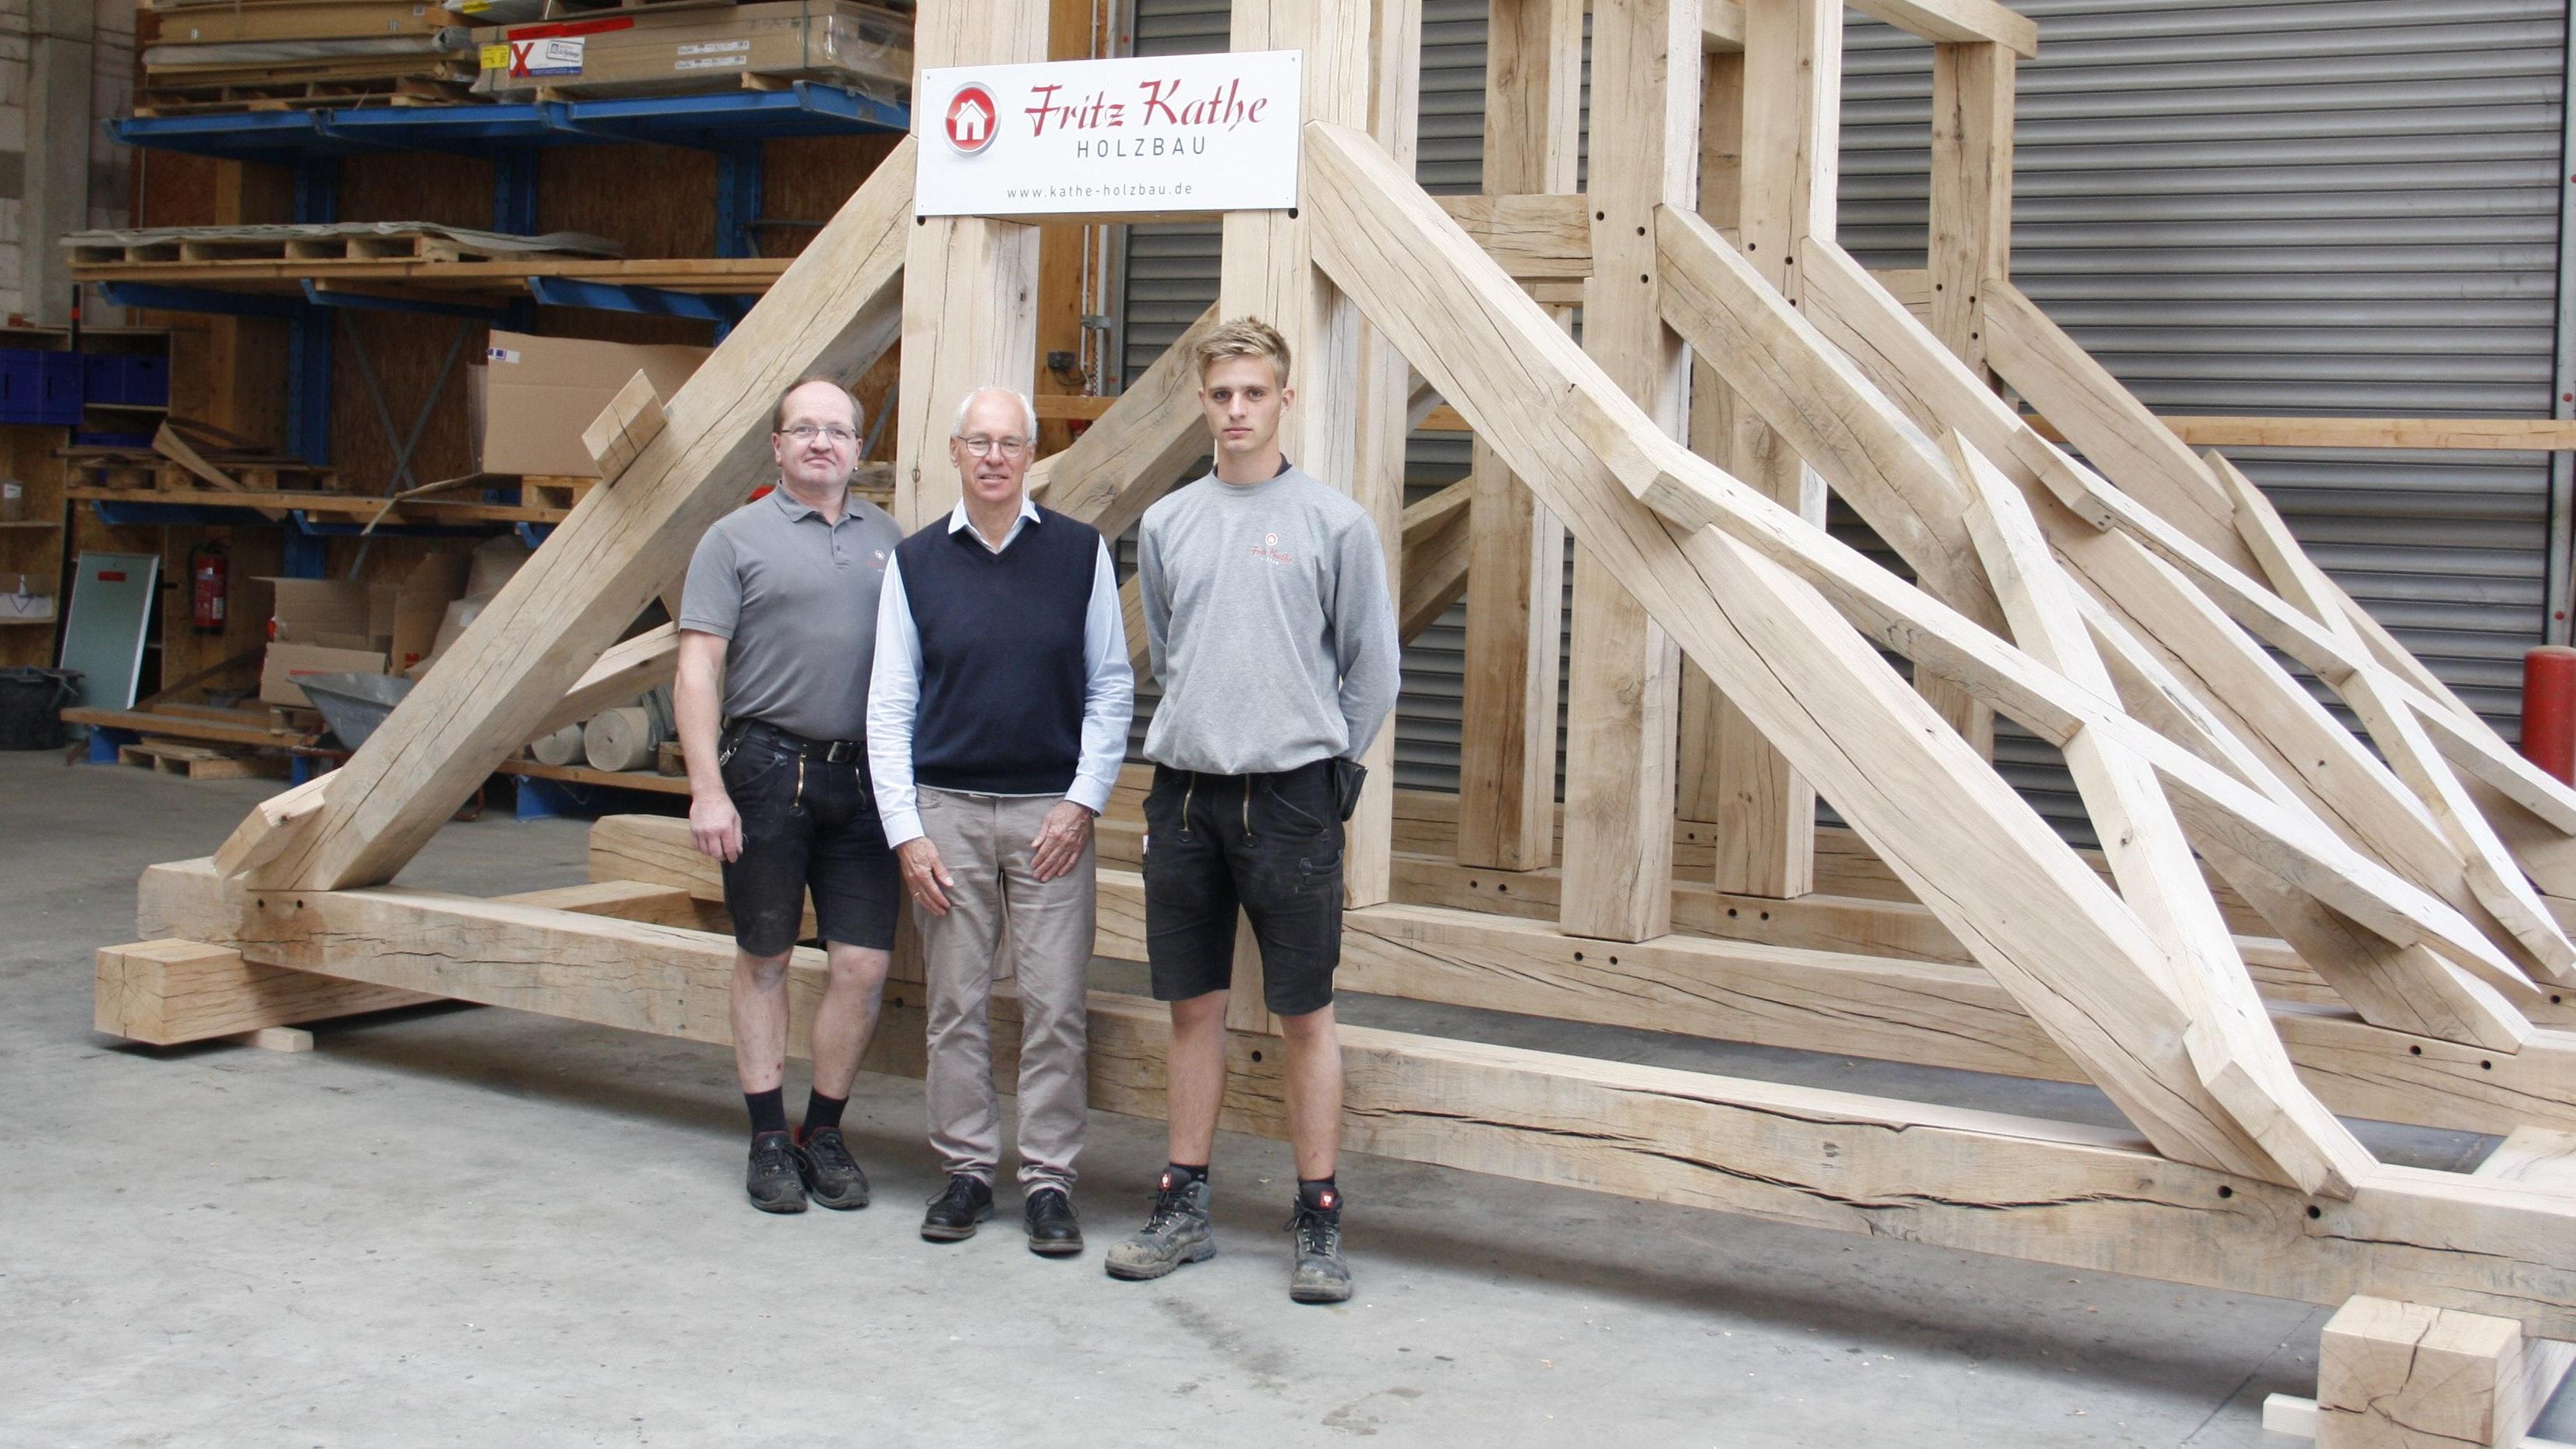 Arbeiten an dem Auftrag aus der Region Hannover: Firmeninhaber Fritz Kathe (Mitte) präsentiert zusammen mit seinen Mitarbeitern Thomas Heitmann (links) und Anton Schomaker (rechts) den neuen Glockenstuhl. Foto: Technow